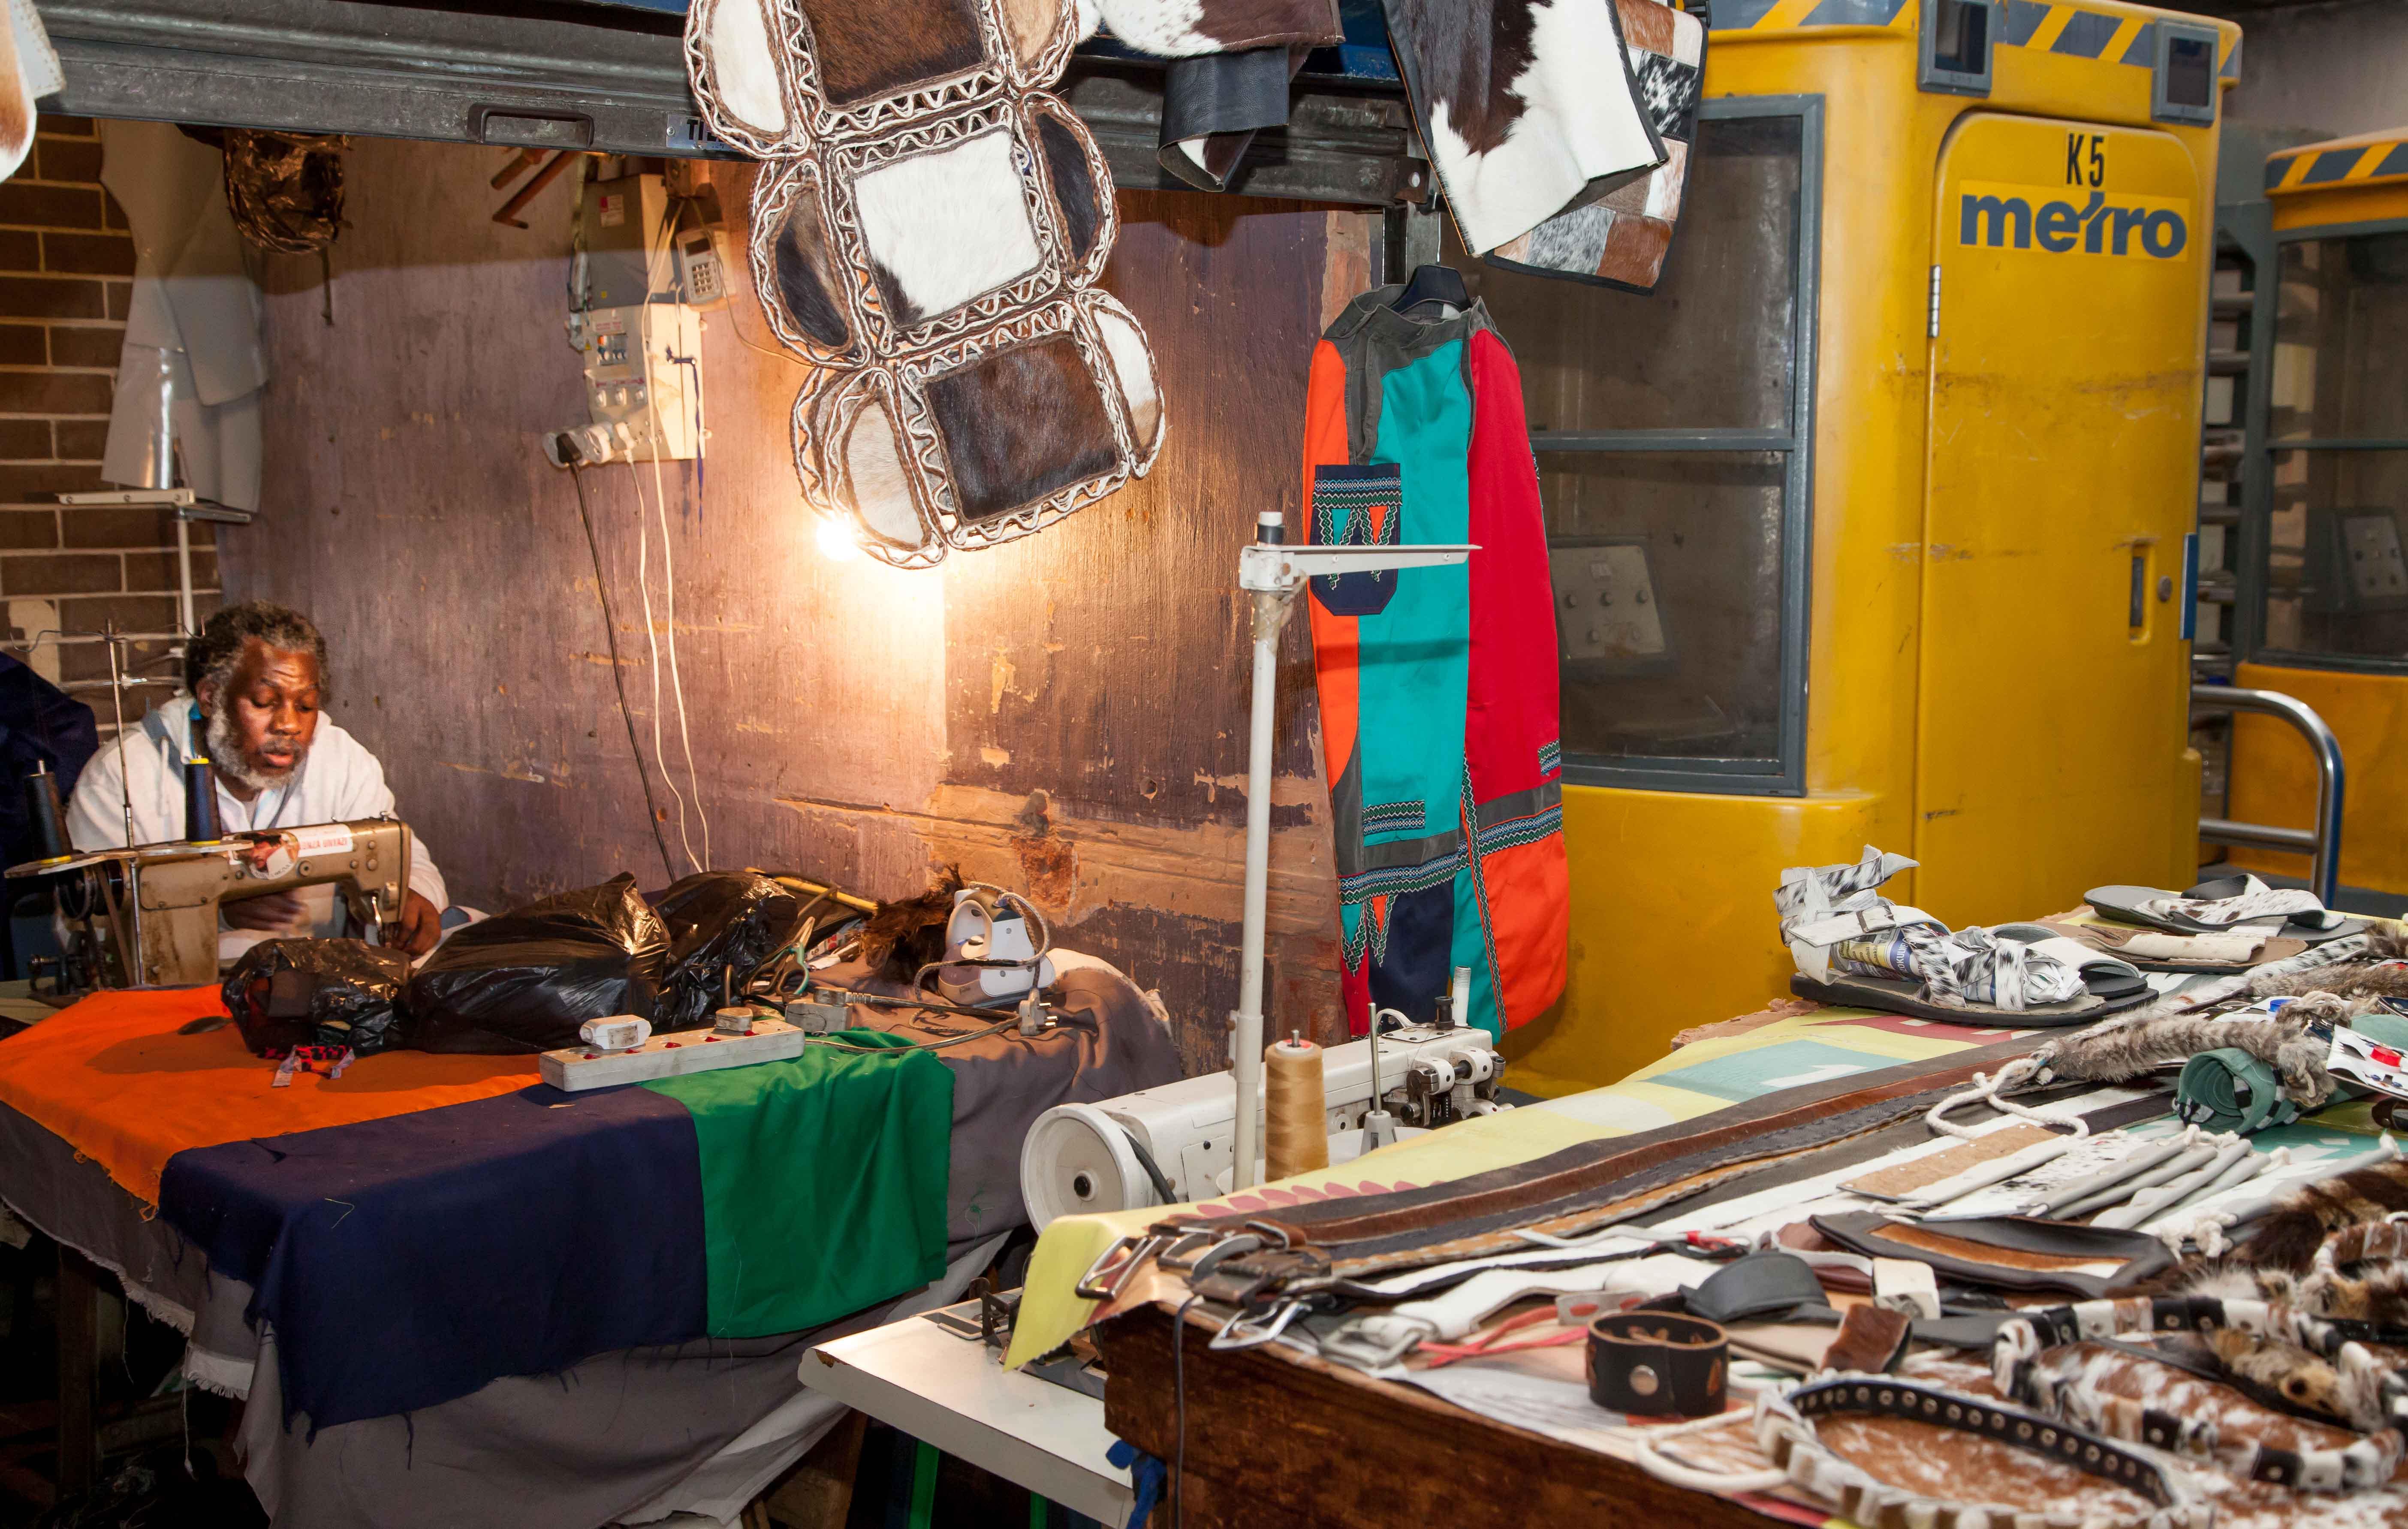 In einer dunklen Ecke direkt neben dem Eingang zur Metro hat dieser Mann seine Reparaturwerkstatt für Lederwaren.